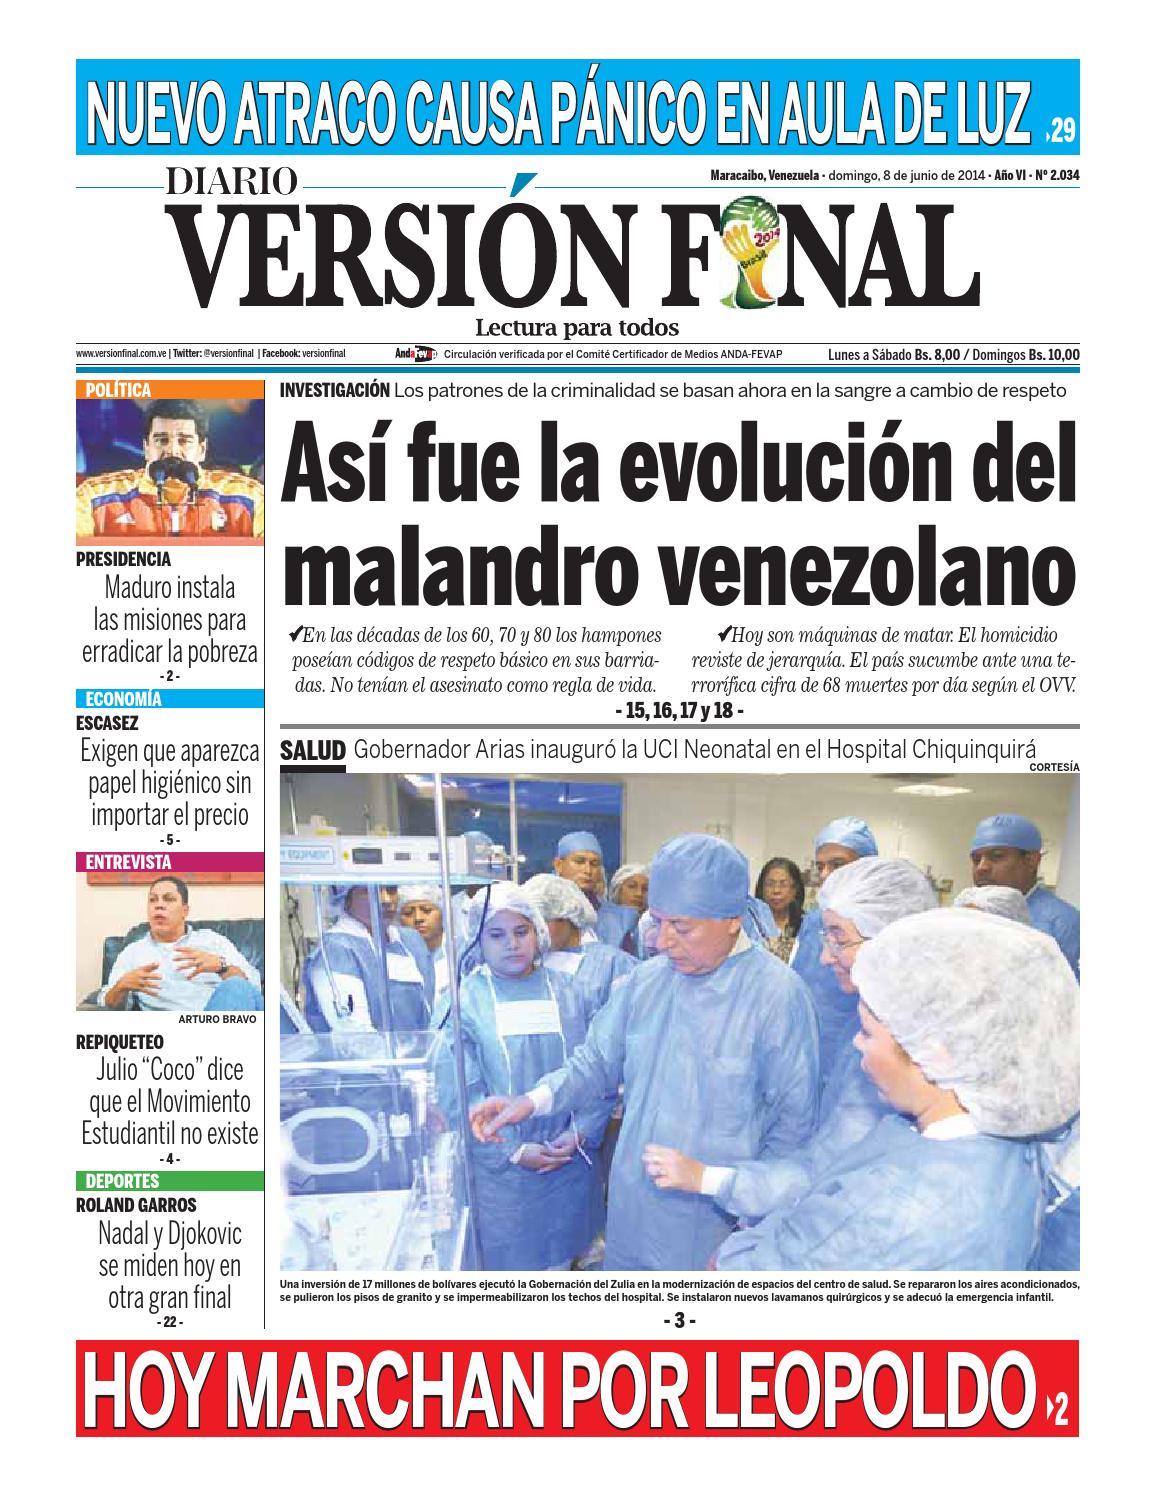 Mujeres zulianas buscando-573920